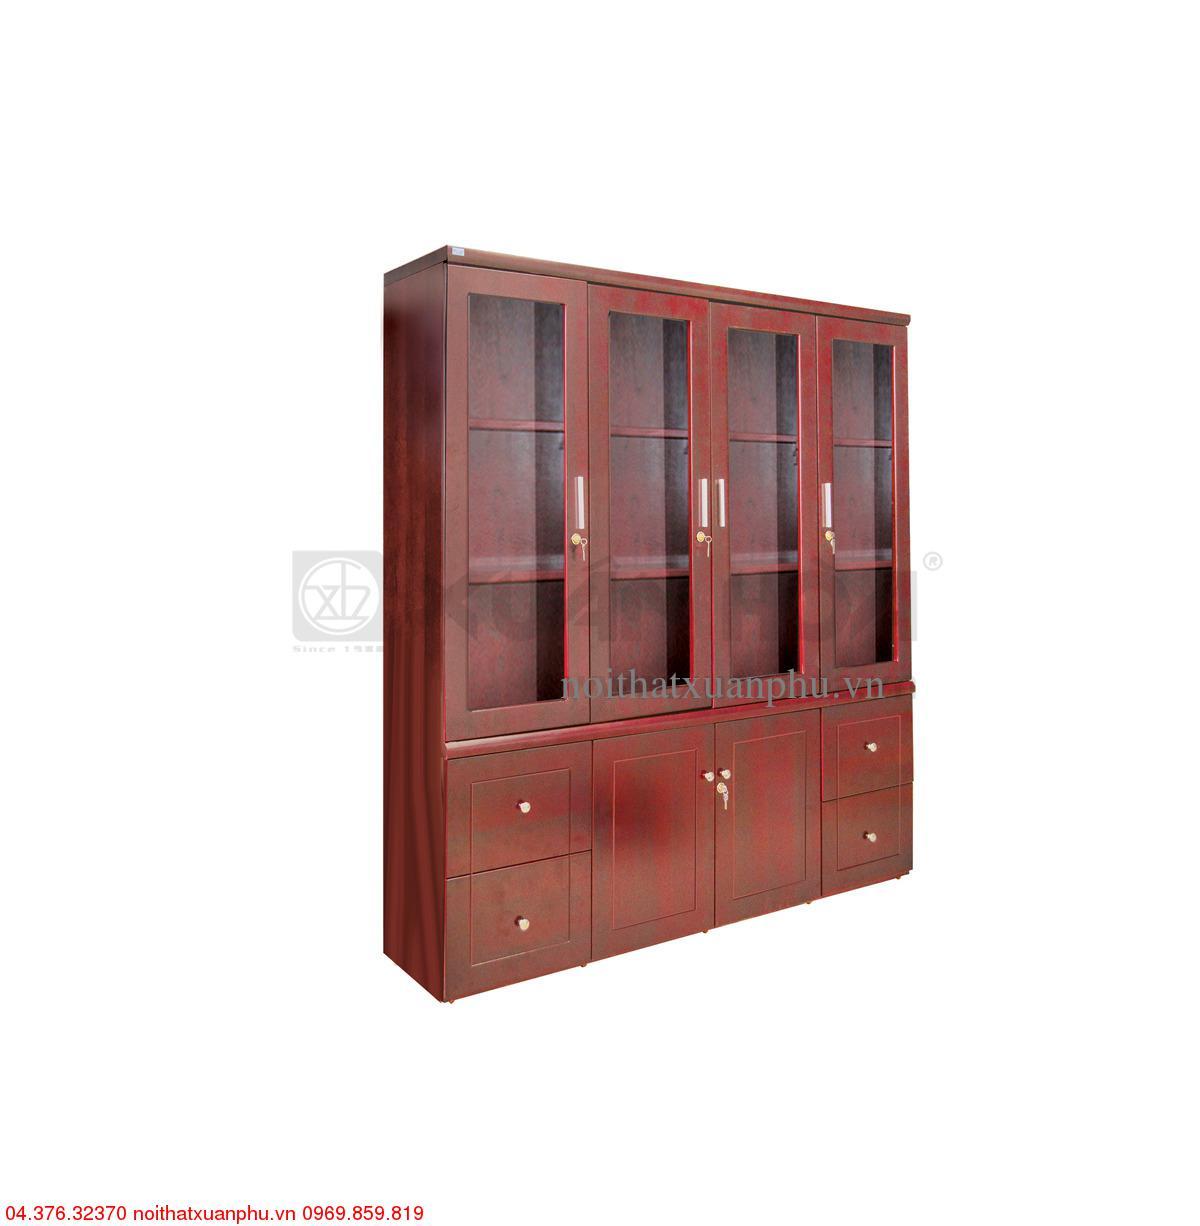 Hình ảnh sản phẩm Tủ gỗ sơn TGD-07-00